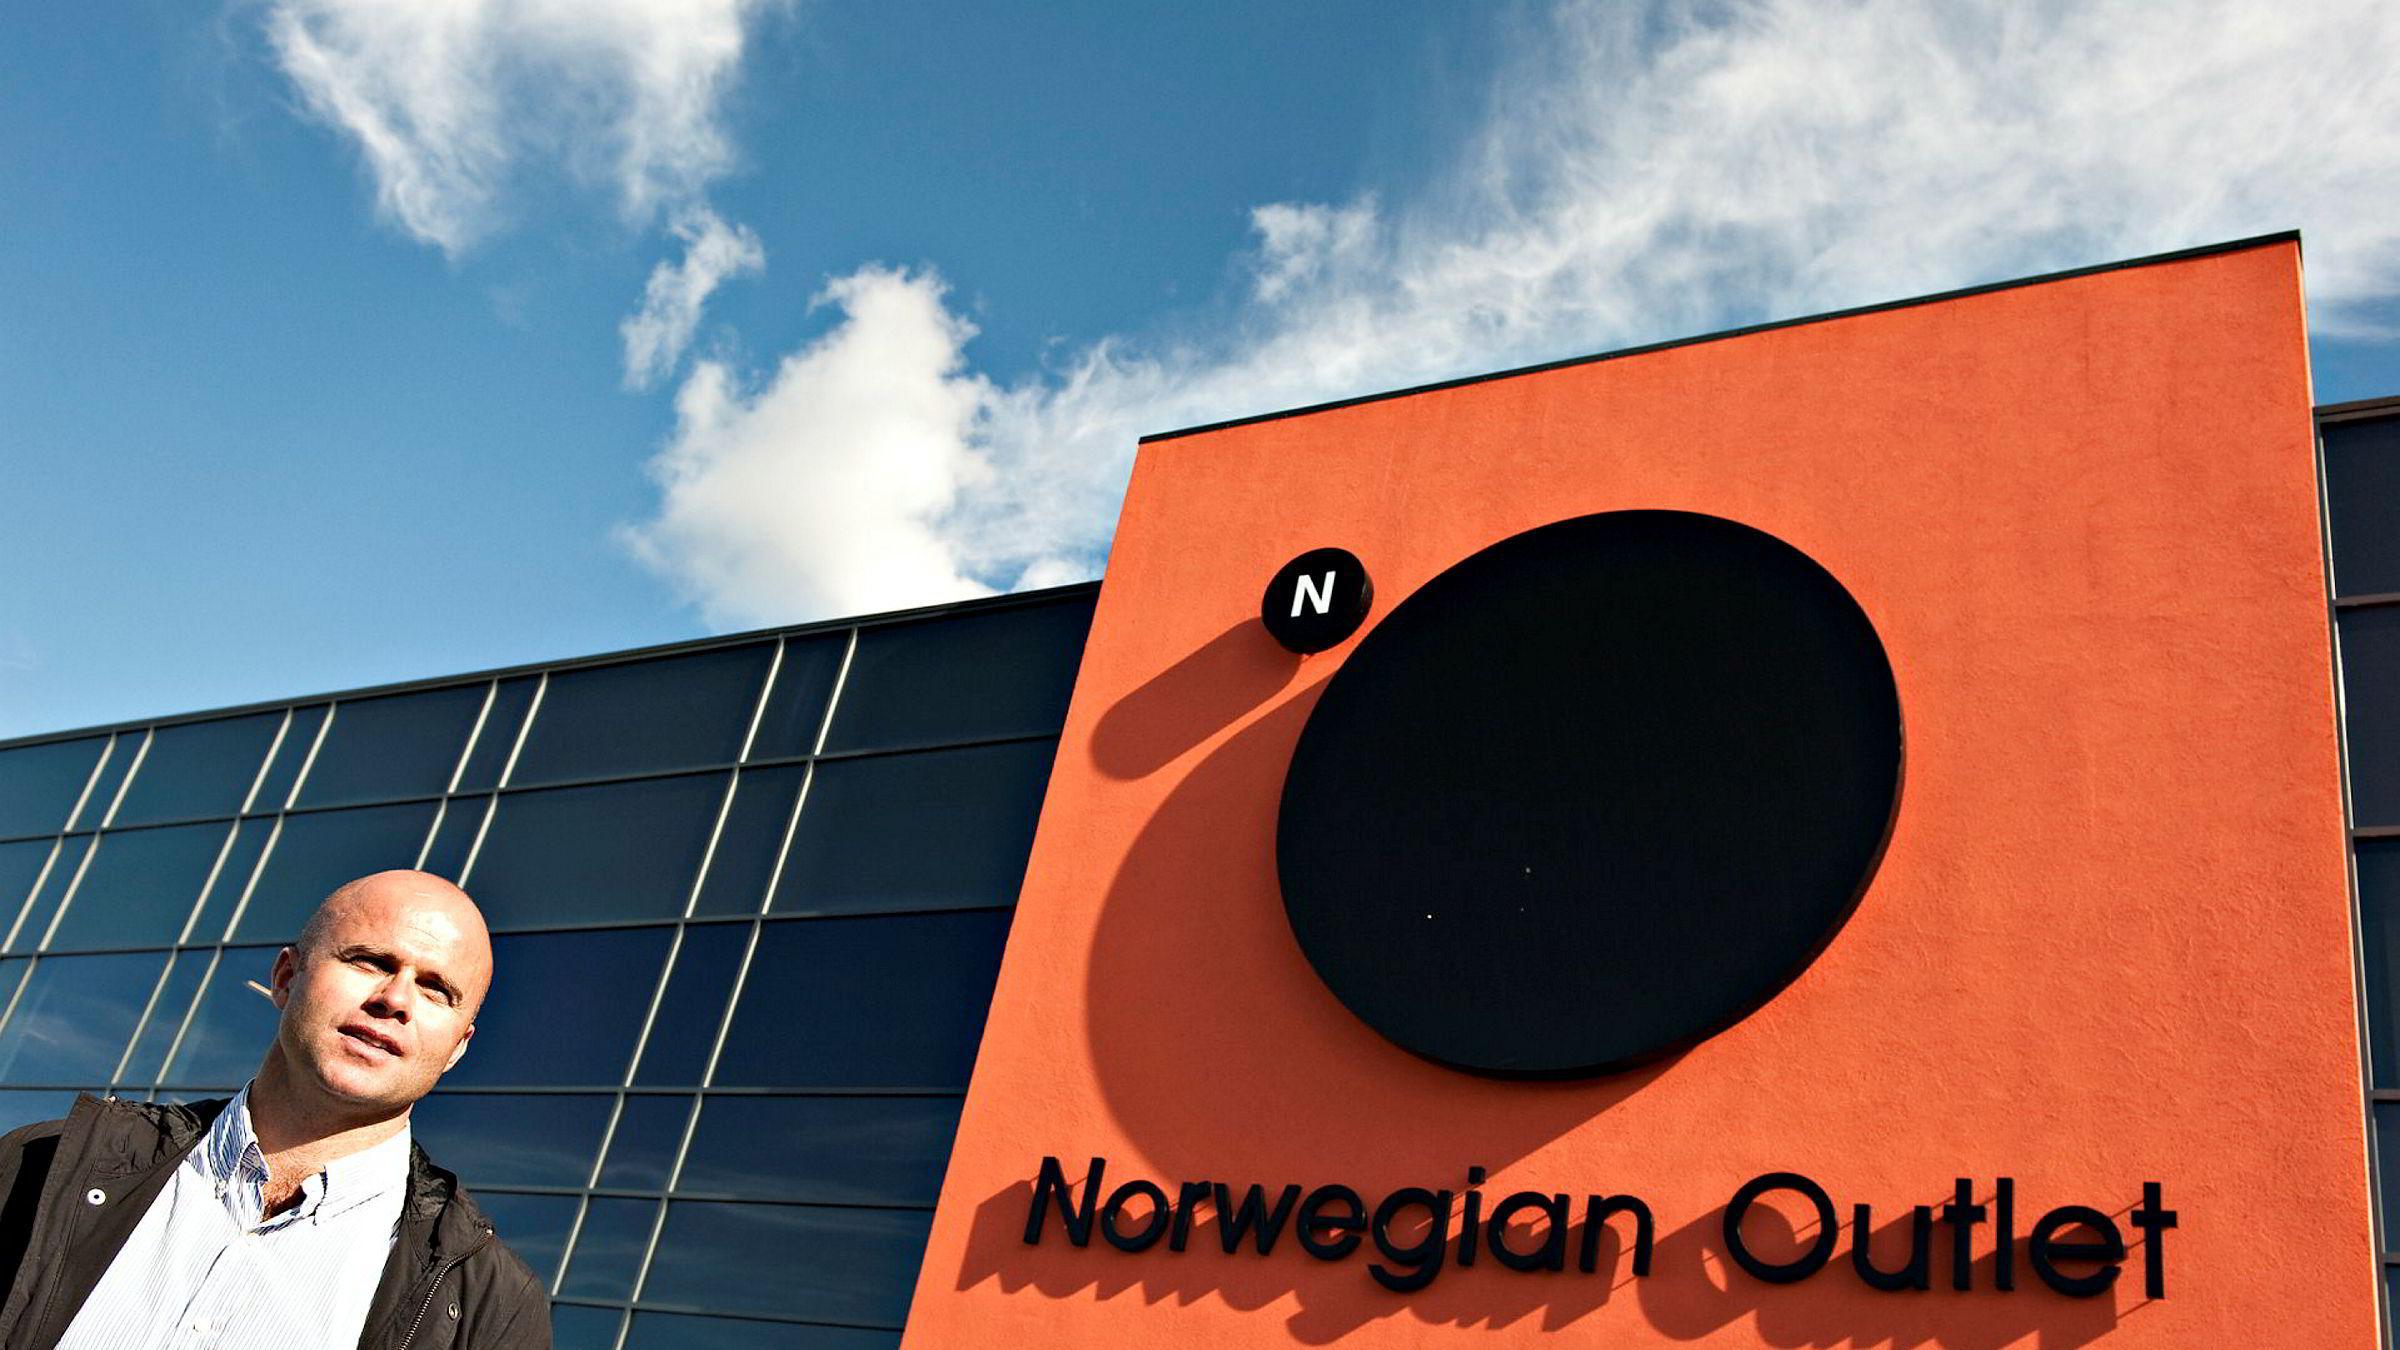 Investor og tidligere skøyteløper Ådne Søndrål har solgt suksessen Norwegian Outlet Village i Vestby. Siden eventyret startet har han hentet ut 115 millioner kroner, skriver Finansavisen. Arkivfoto: Per Ståle Bugjerde